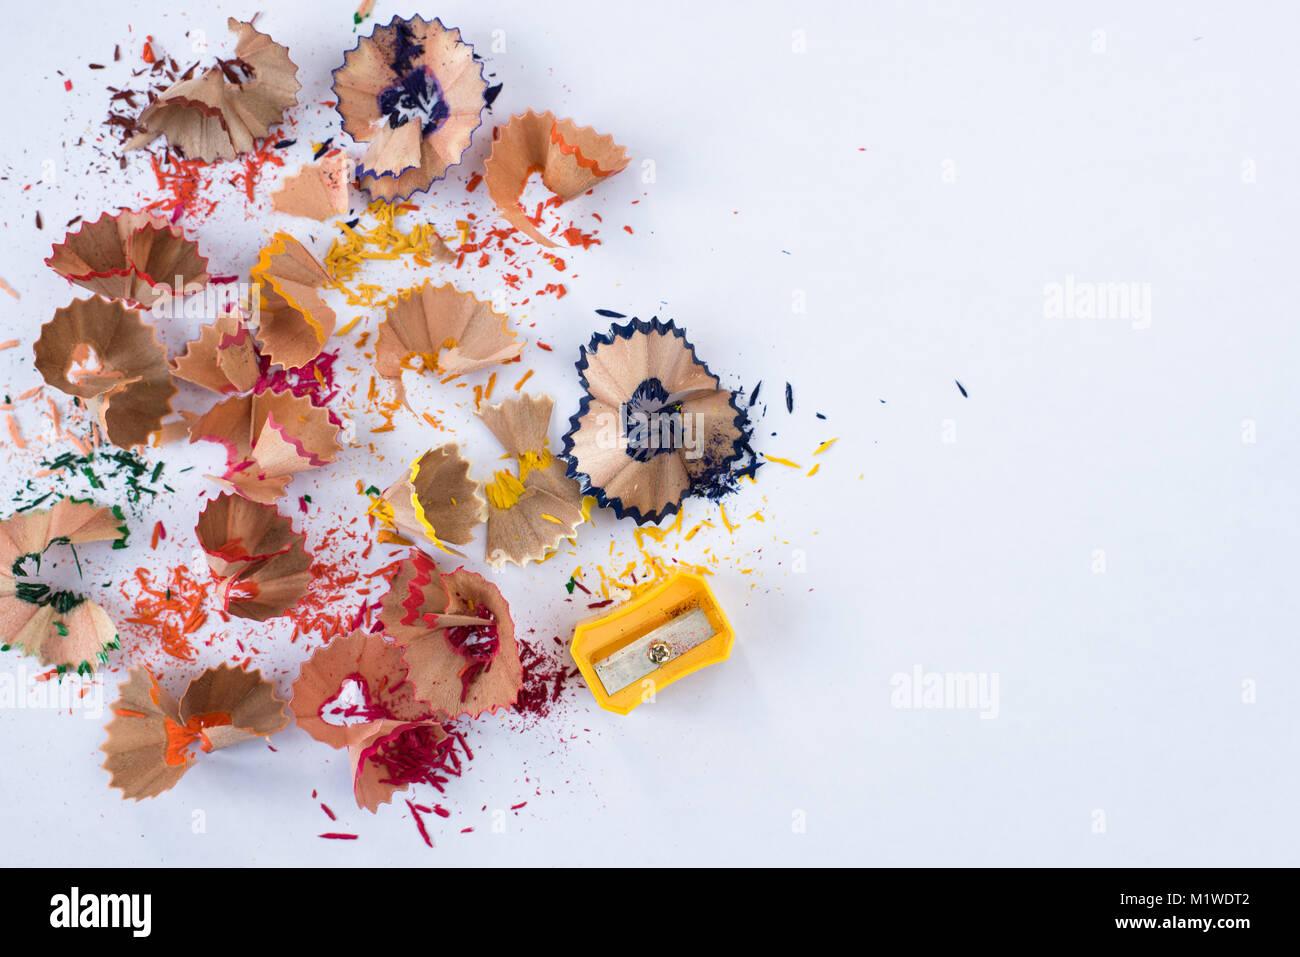 Lápiz de color sobre un fondo blanco de afeitado concepto de educación escolar. Imagen De Stock